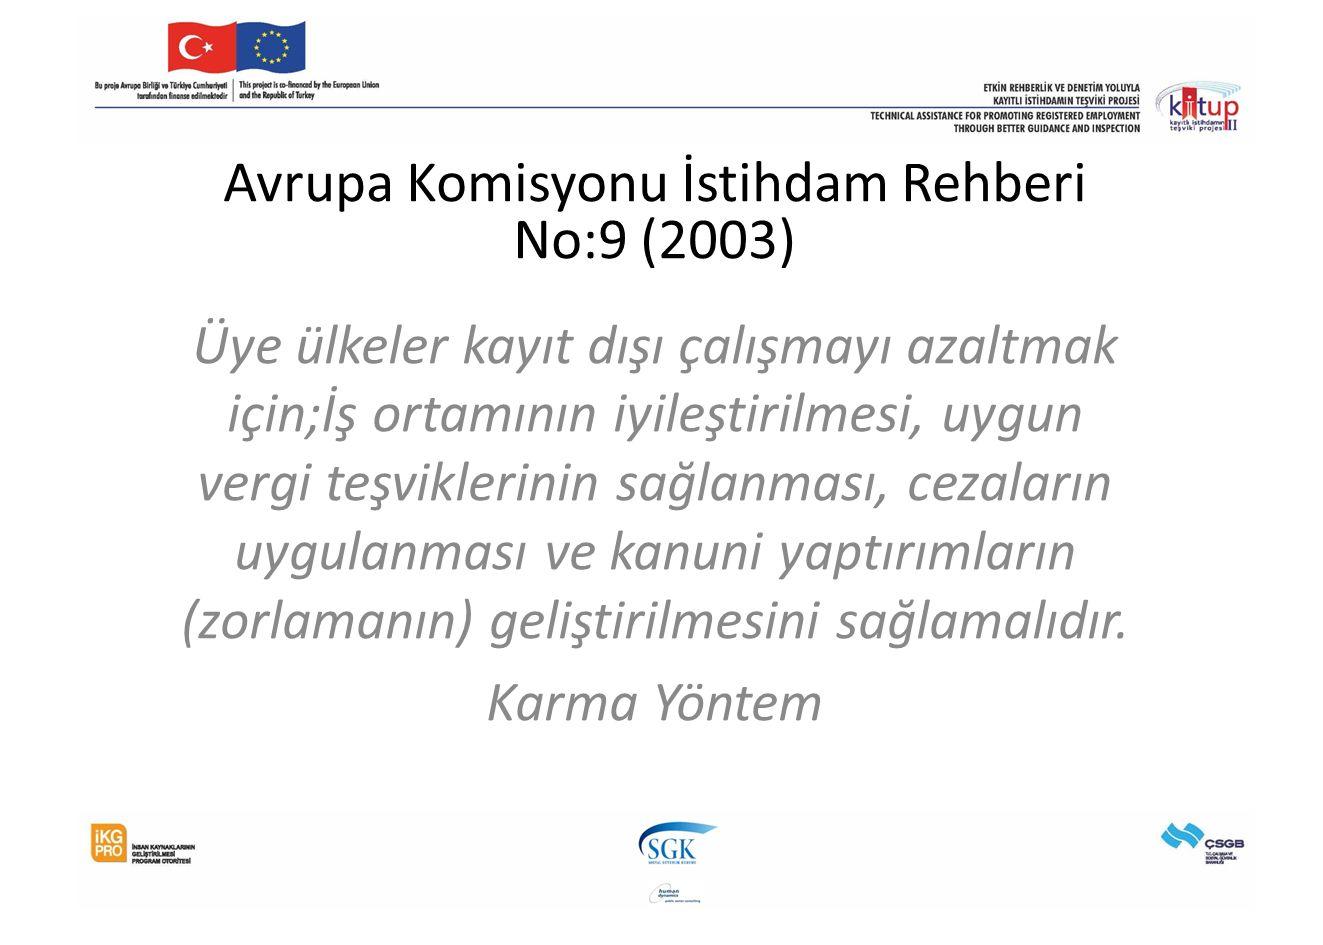 Avrupa Komisyonu İstihdam Rehberi No:9 (2003) Üye ülkeler kayıt dışı çalışmayı azaltmak için;İş ortamının iyileştirilmesi, uygun vergi teşviklerinin s